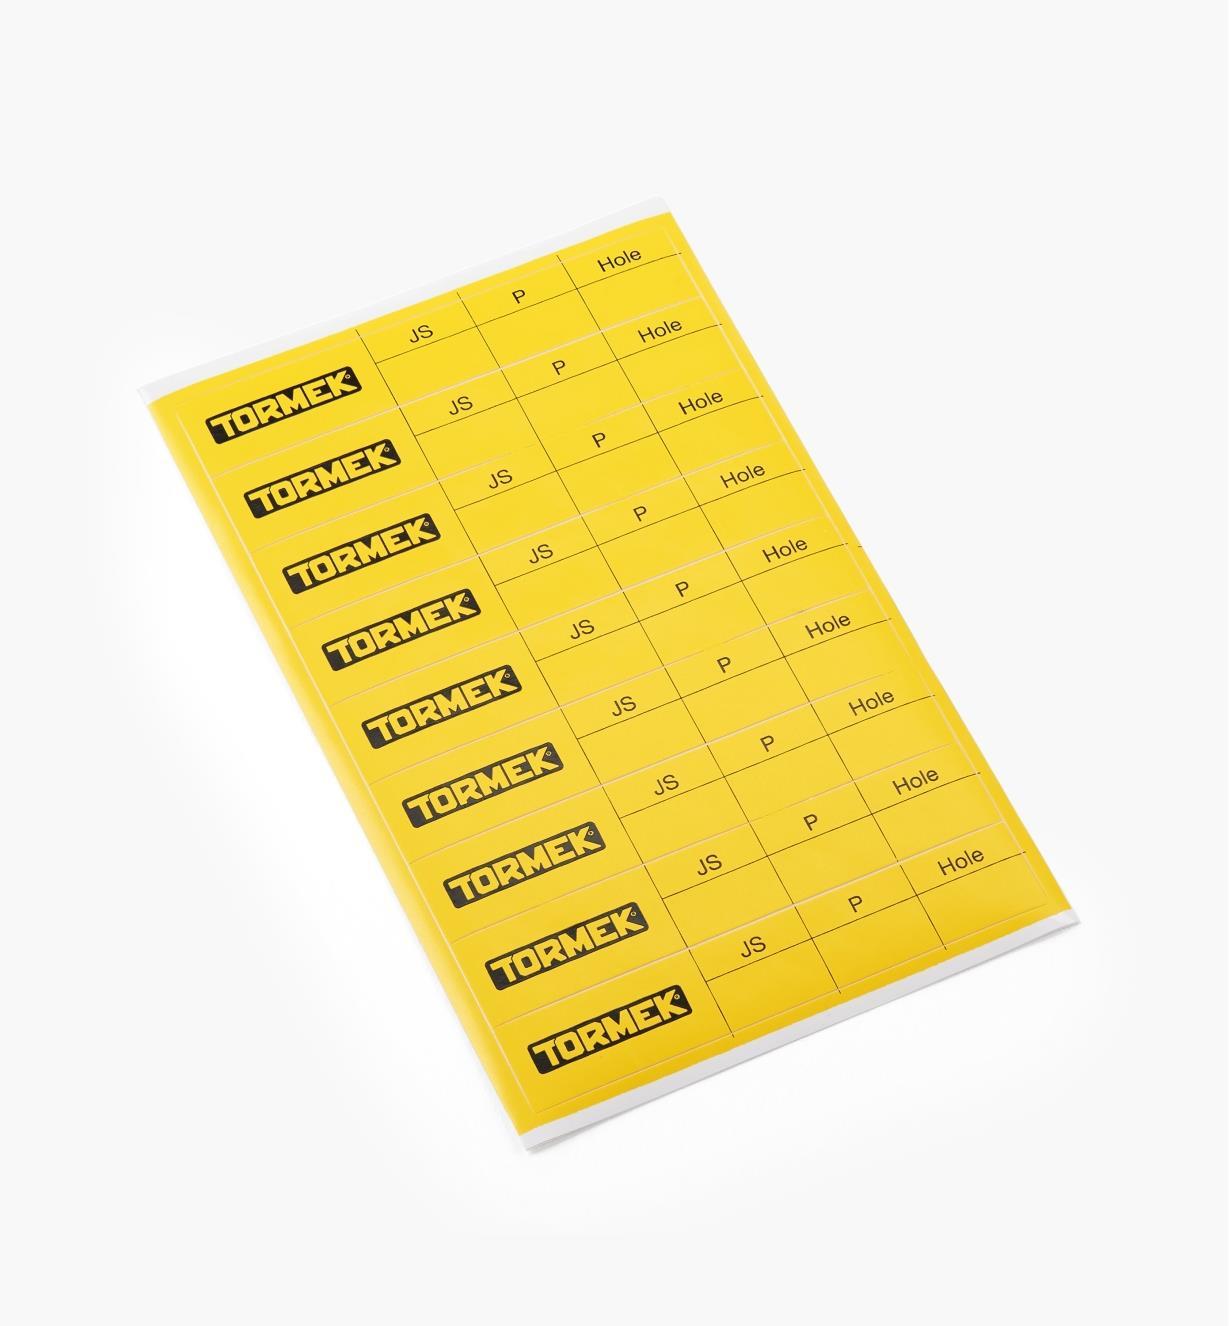 68M0164 - Étiquettes de remplacement pour outils de tournage, le paquet de 9